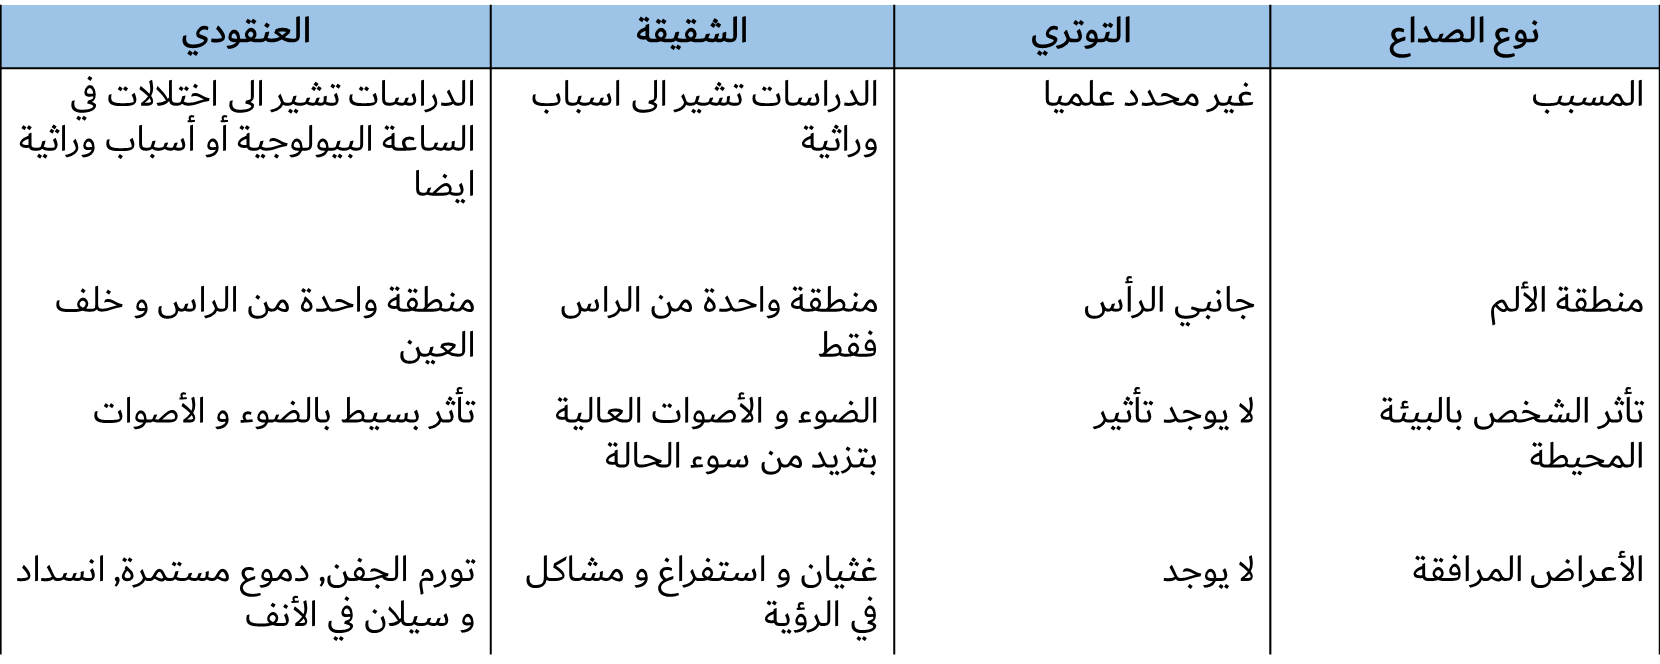 مقارنة سريعة بين أنواع الصداع الأولي